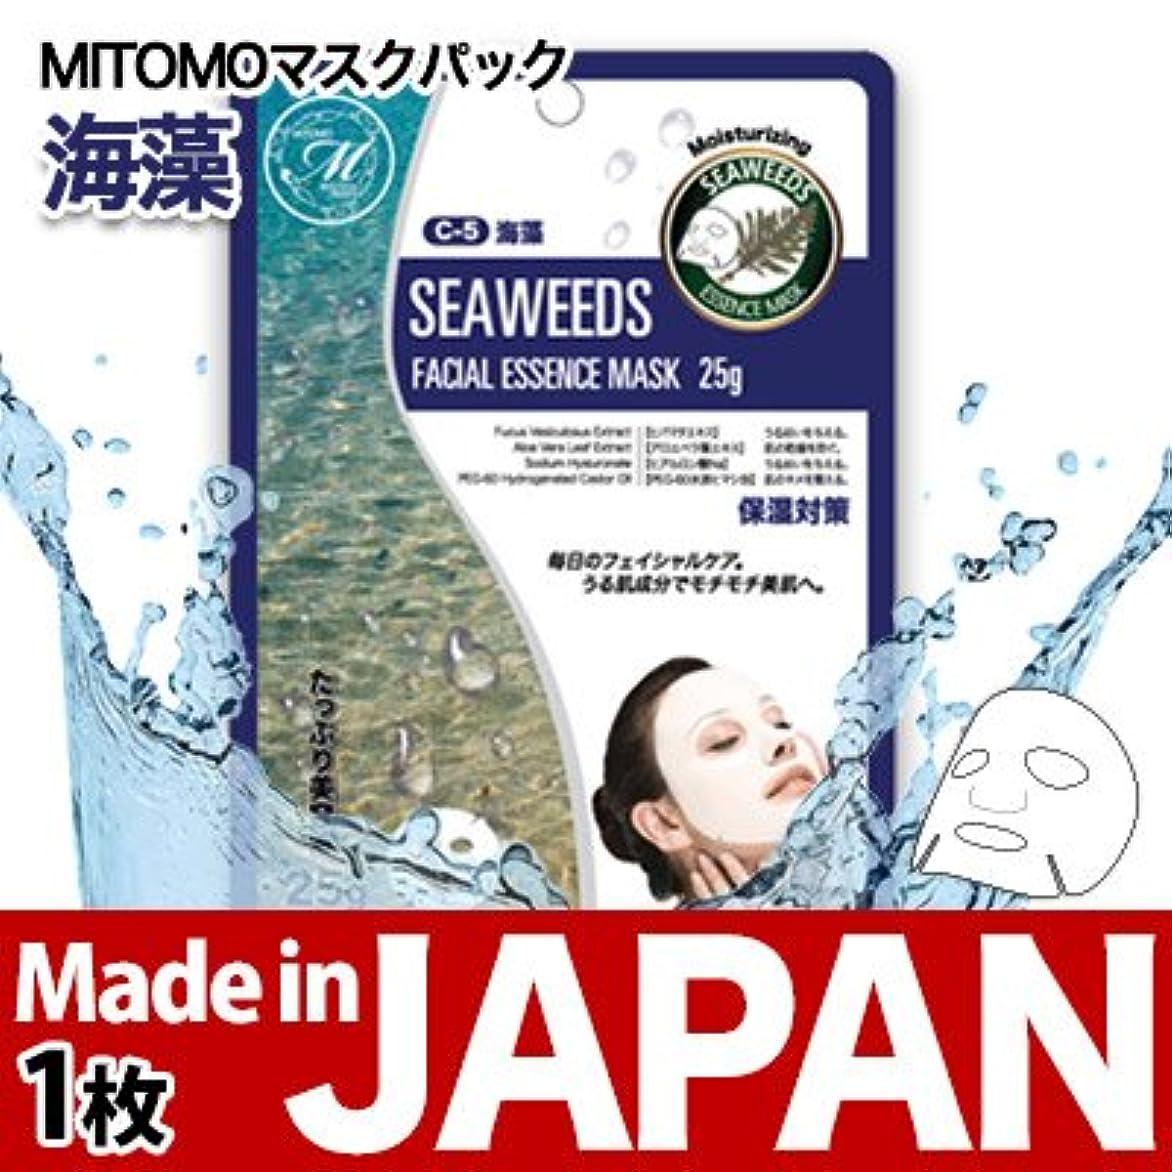 どれコック結核【MT512】ナチュラル保湿シートマスクパック/【海藻1枚】【日本製】/メール便★25gのたっぷりエッセンス 天然シート★乾燥肌?シートマスク★コスメMITOMOオリジナル商品